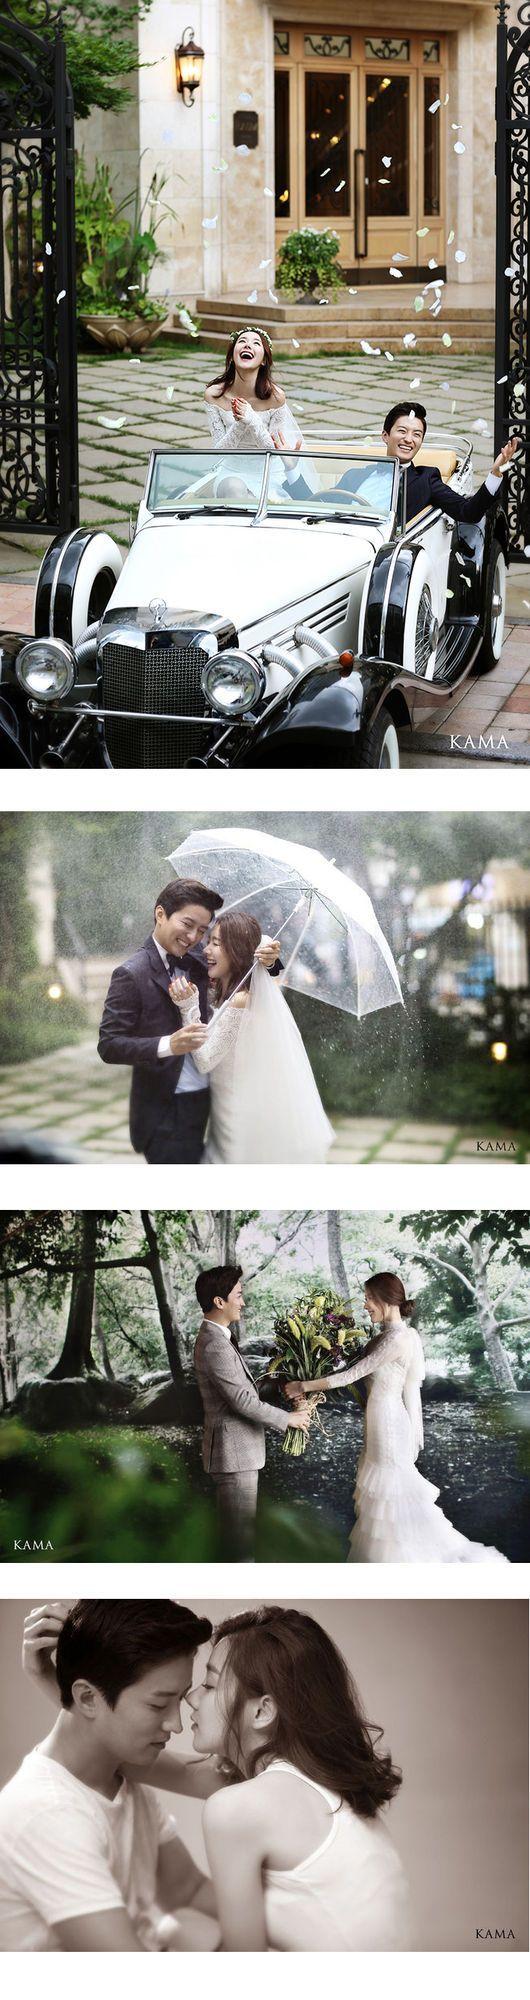 [OSEN=사진팀]인교진 소이현 스타 커플의 웨딩 화보가 공개됐다. 웨딩 화보는 드레스와 턱시도 컨셉과 캐주얼한 커플 의상 컨셉으로 공개되었는데, 두사람은 ...